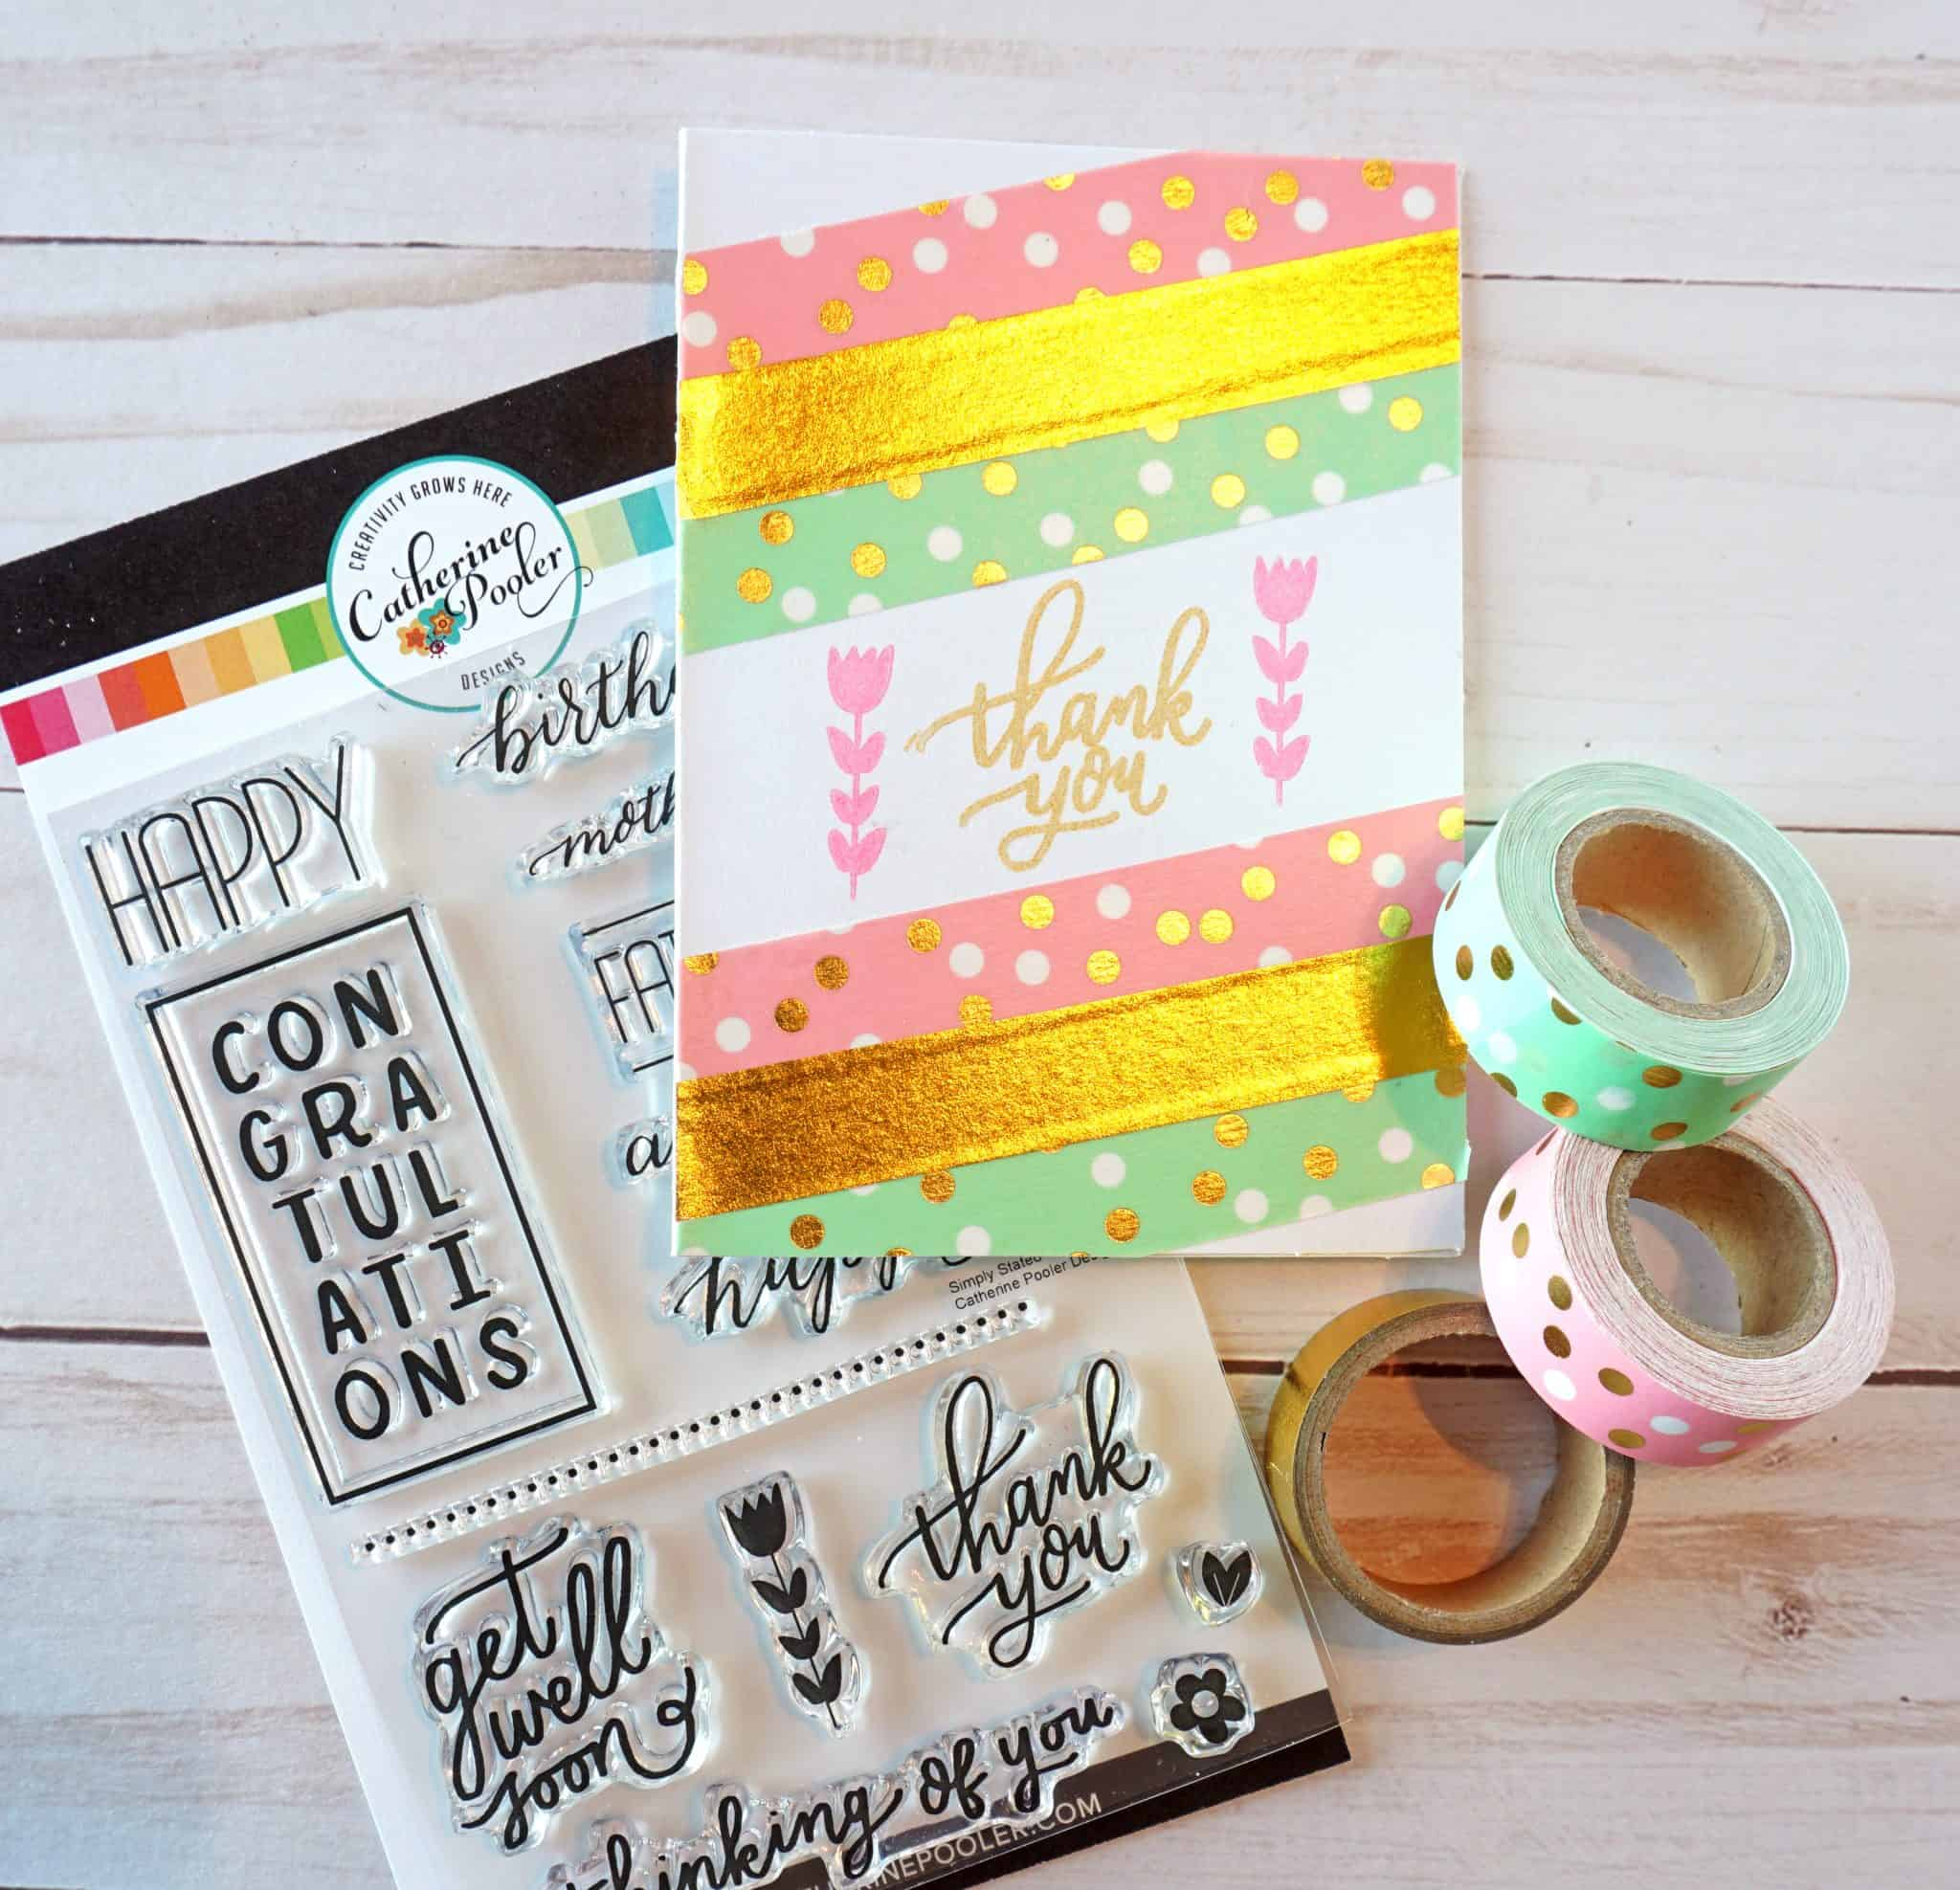 thank you card ideas  divine creative love